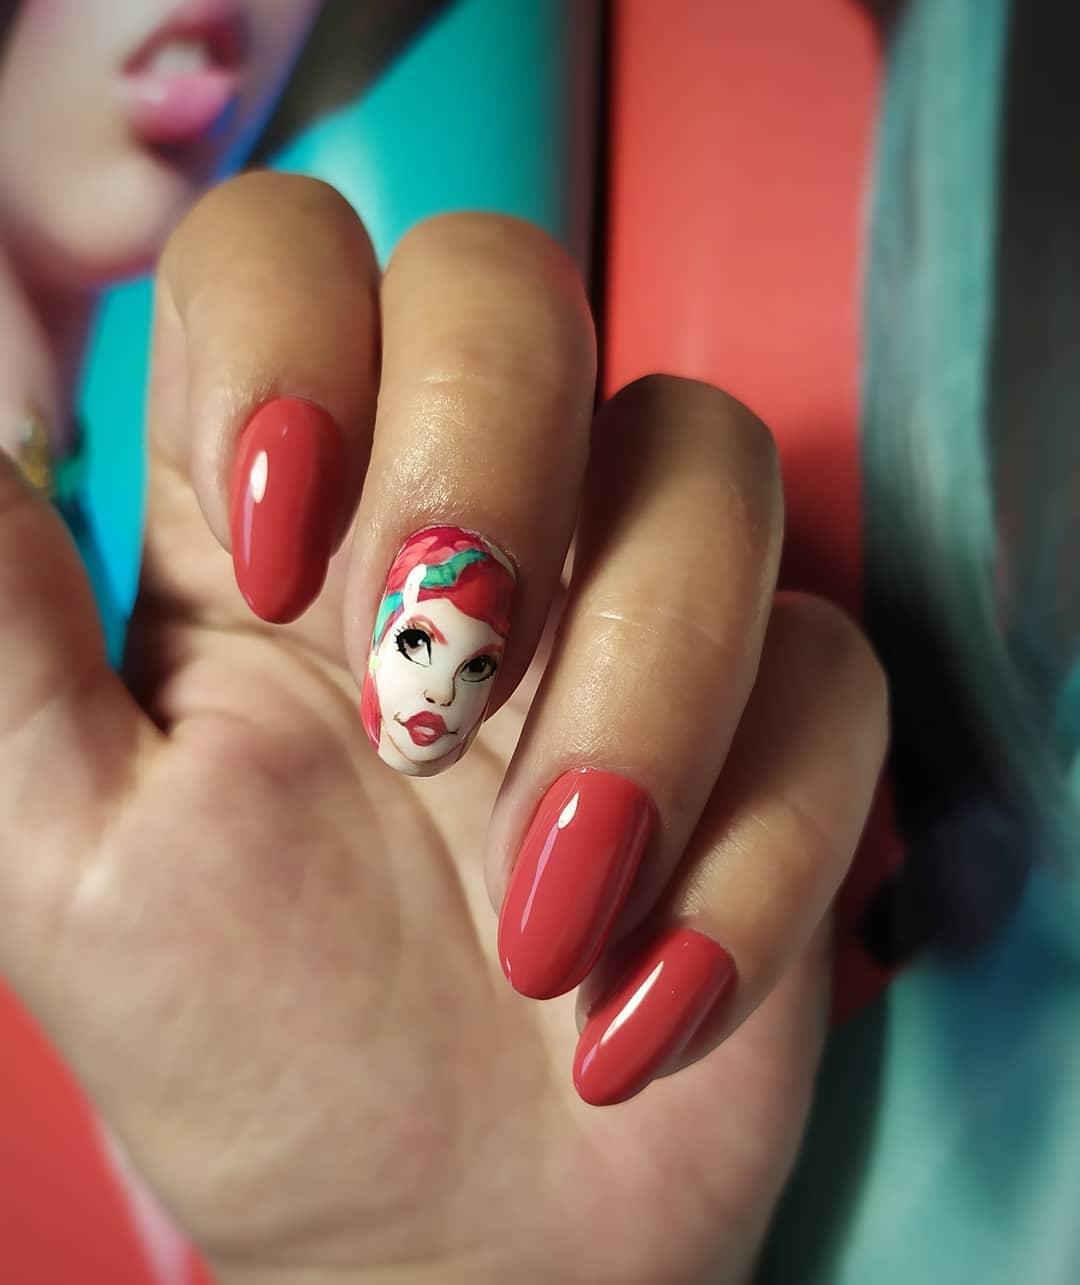 Маникюр с мультяшным рисунком в красном цвете на длинные ногти.